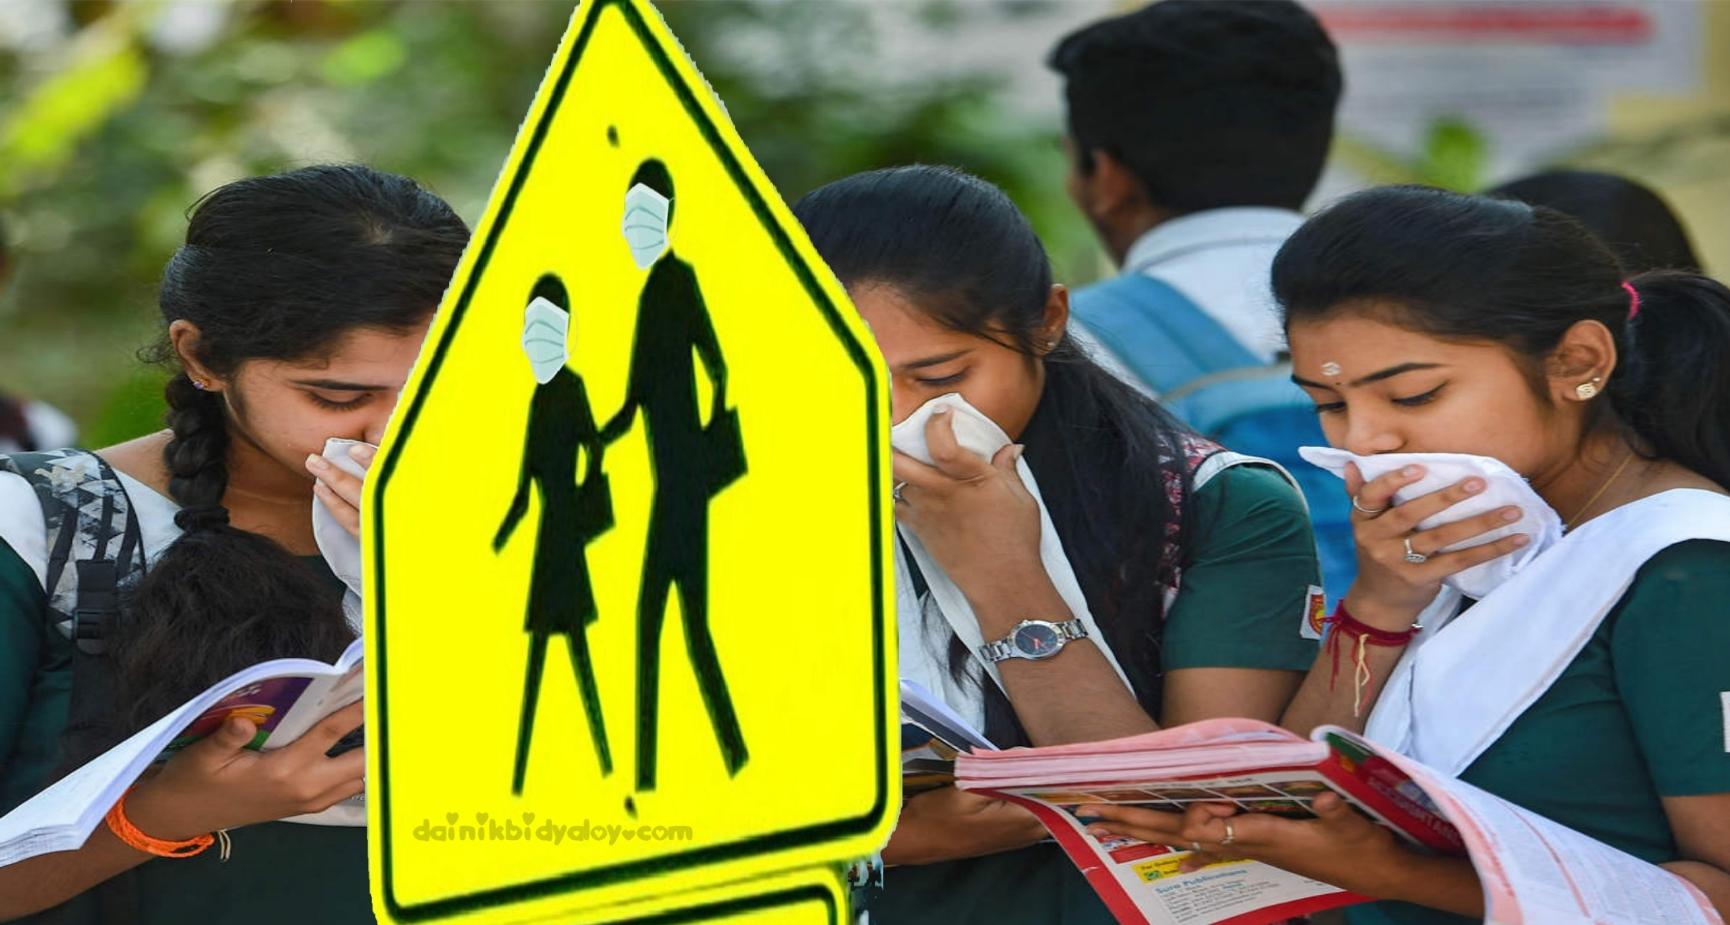 শিক্ষাপ্রতিষ্ঠান কী ৩০ মার্চ খুলবে?